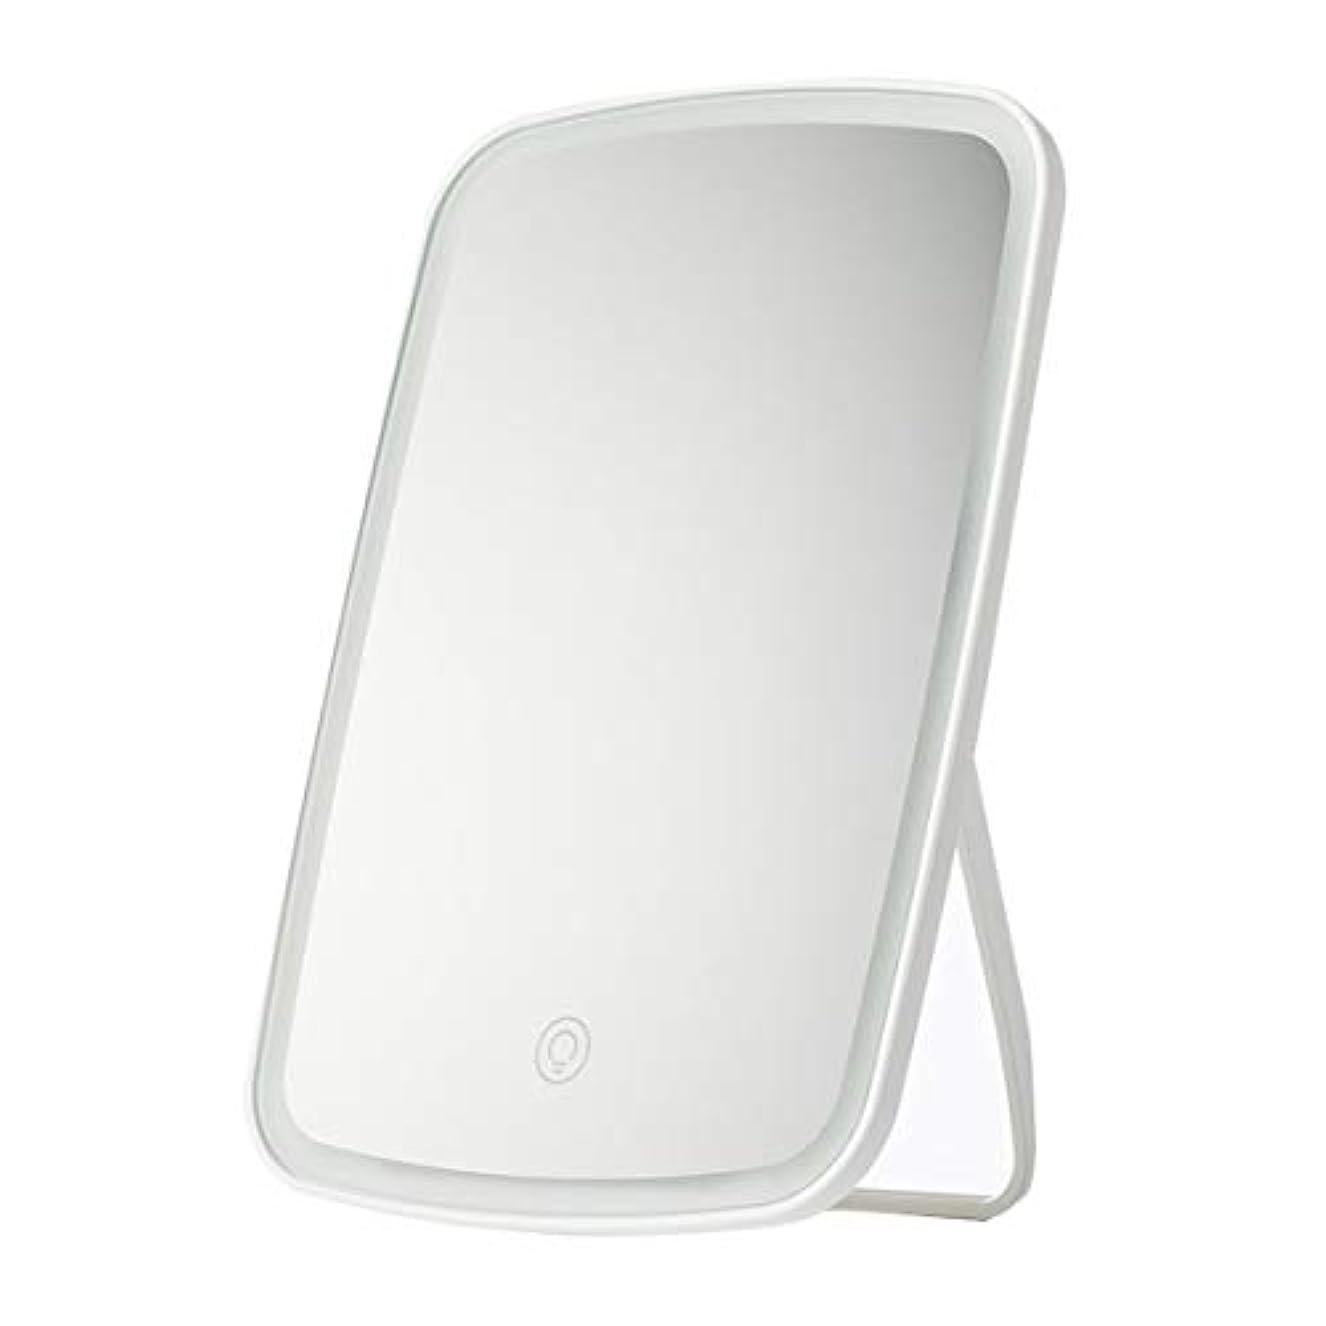 スチュワーデスペルメル郵便屋さんInteriay for Xiaomi化粧鏡Mi Jiayou Goods Jotun Judy Led化粧鏡デスクトップポータブル充電折りたたみフィラー